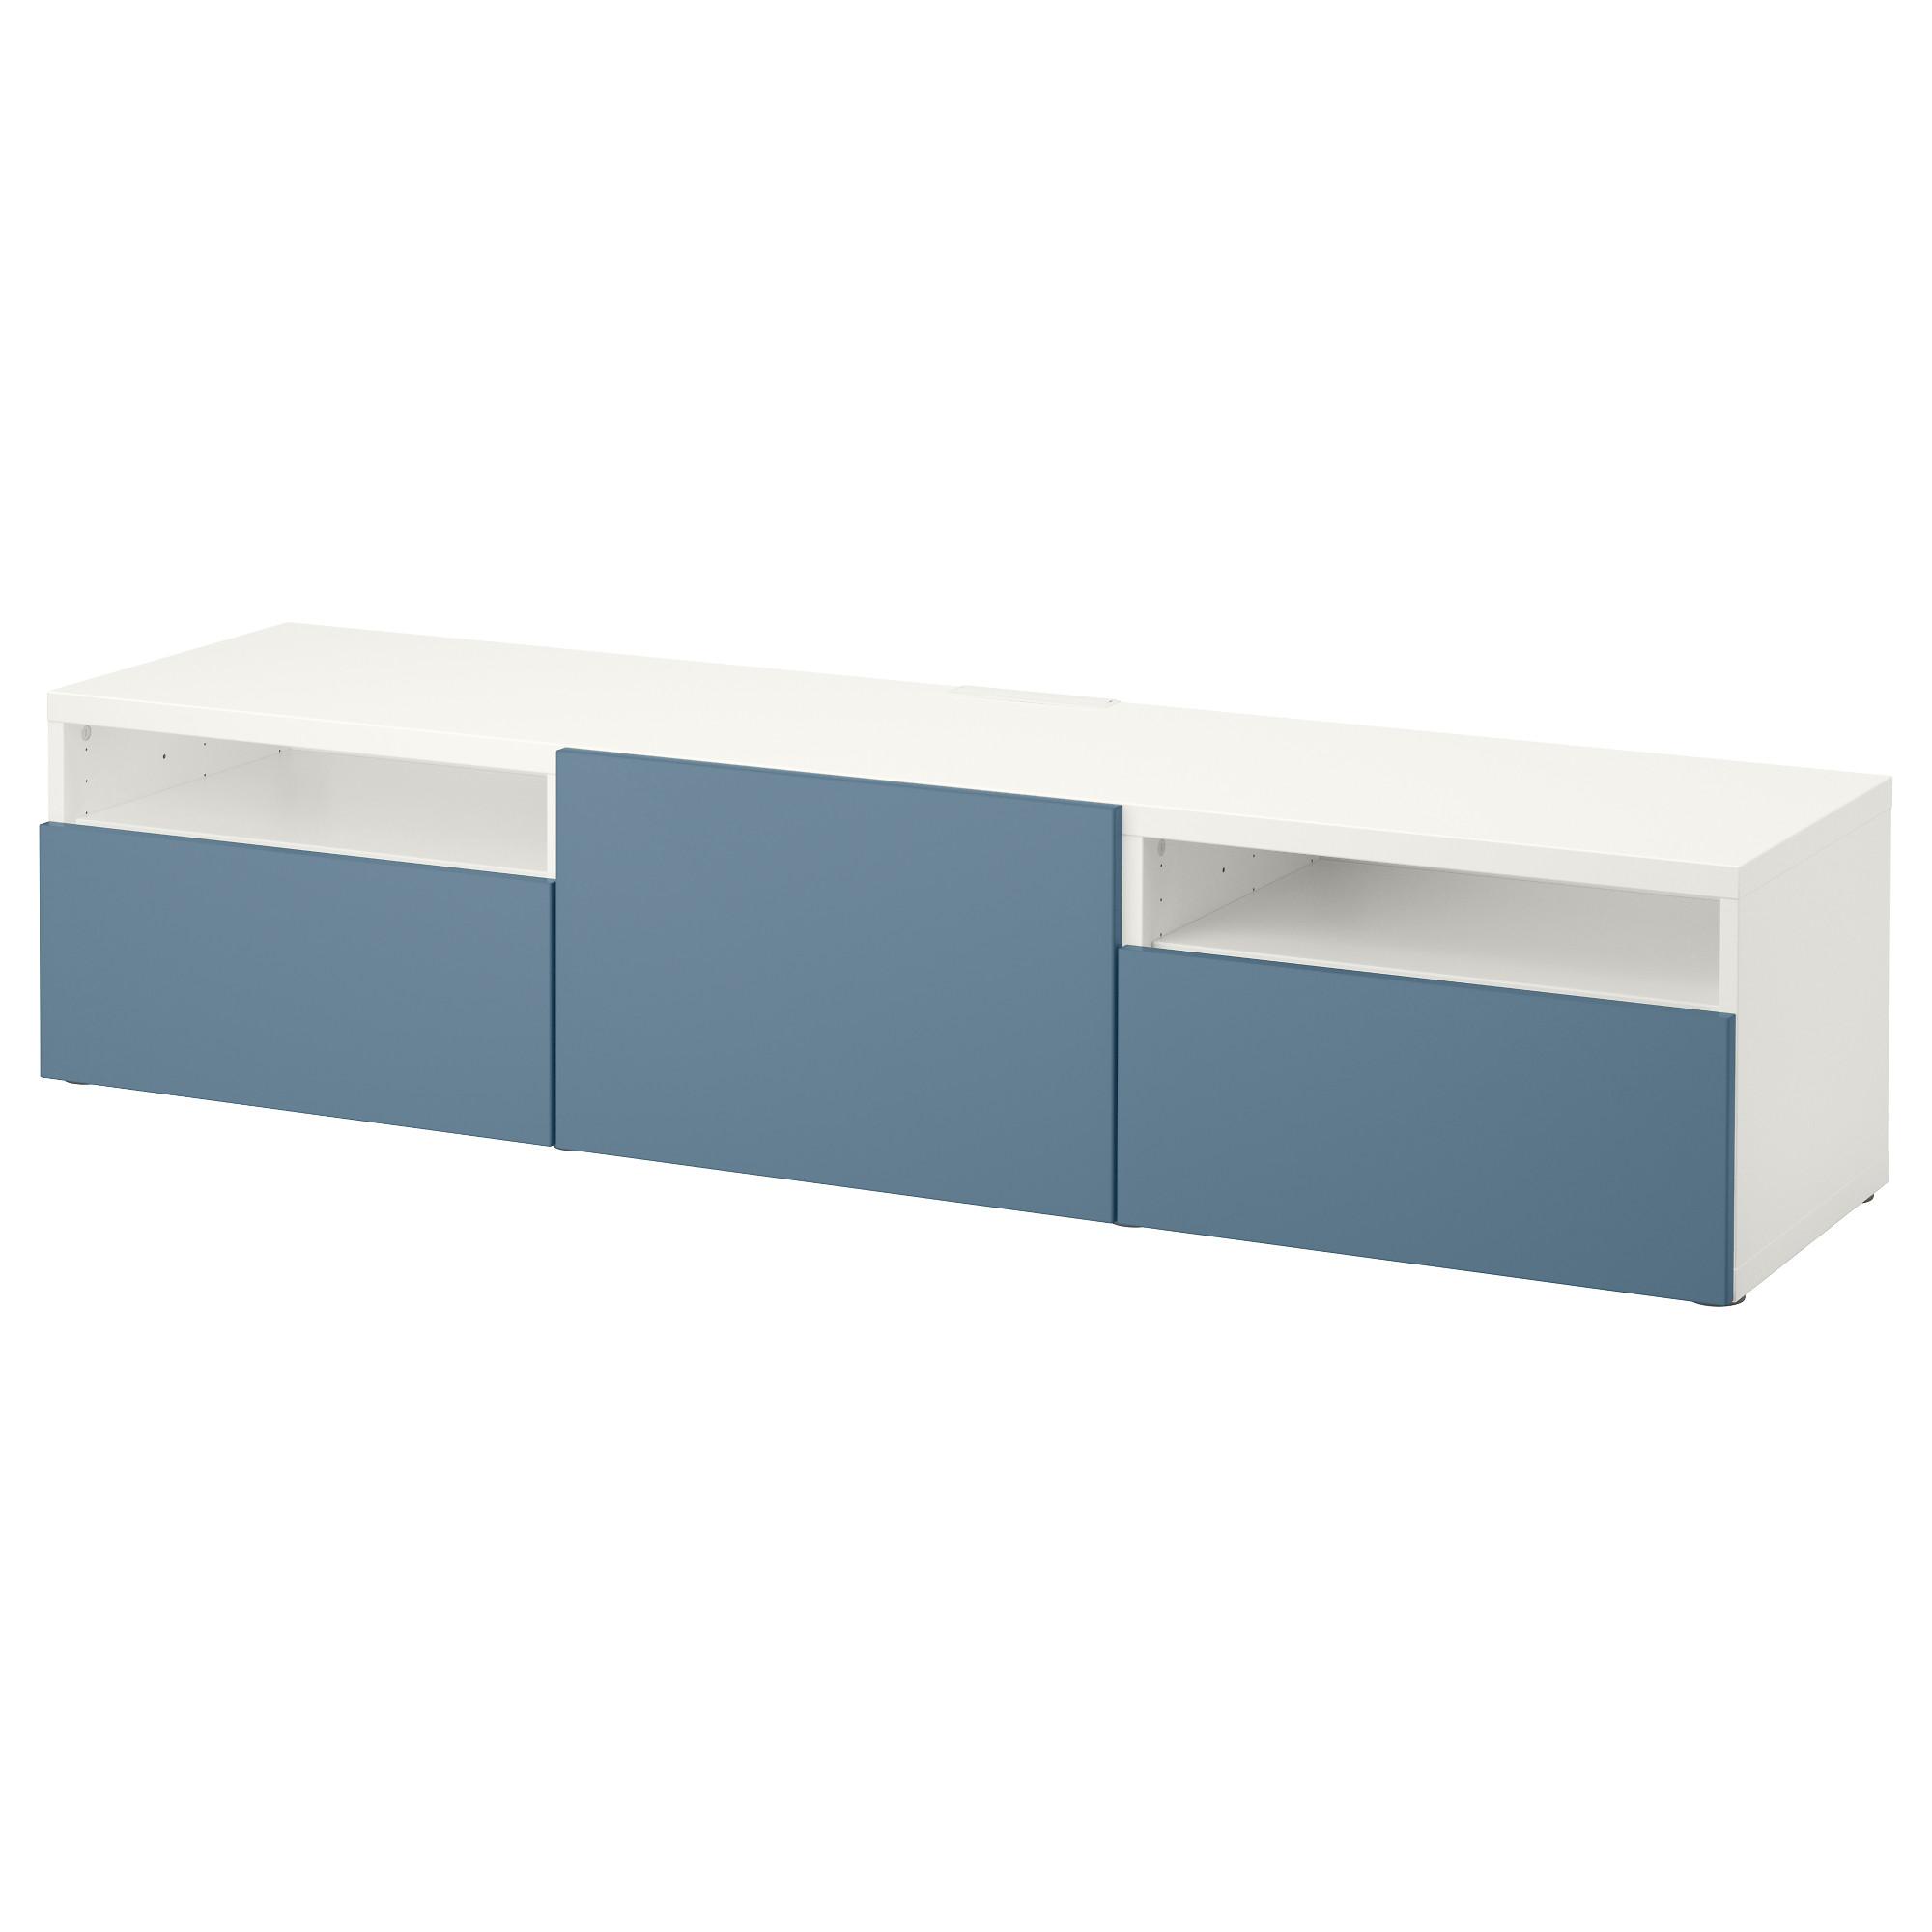 Тумба для ТВ с ящиками БЕСТО темно-синий артикуль № 792.503.88 в наличии. Online сайт IKEA Беларусь. Быстрая доставка и установка.